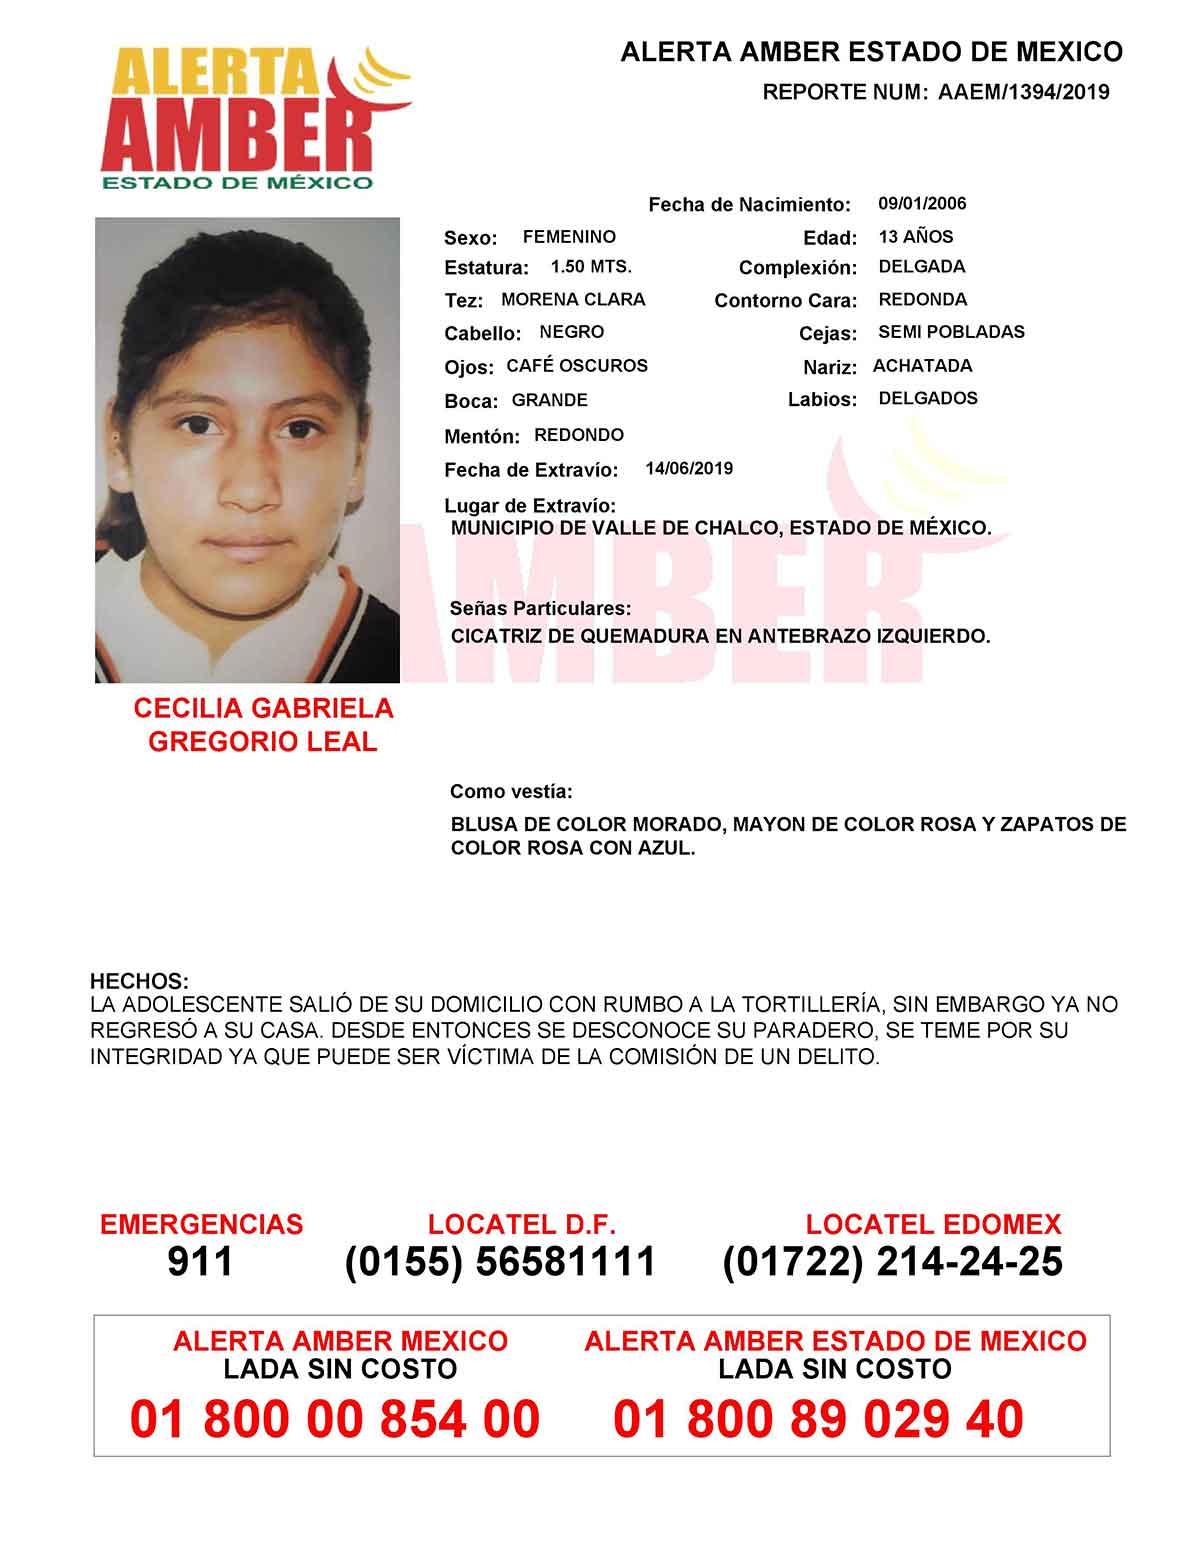 Cecilia Gabriela Gregorio Leal desapareció en el municipio de Valle de Chalco, Estado de México.